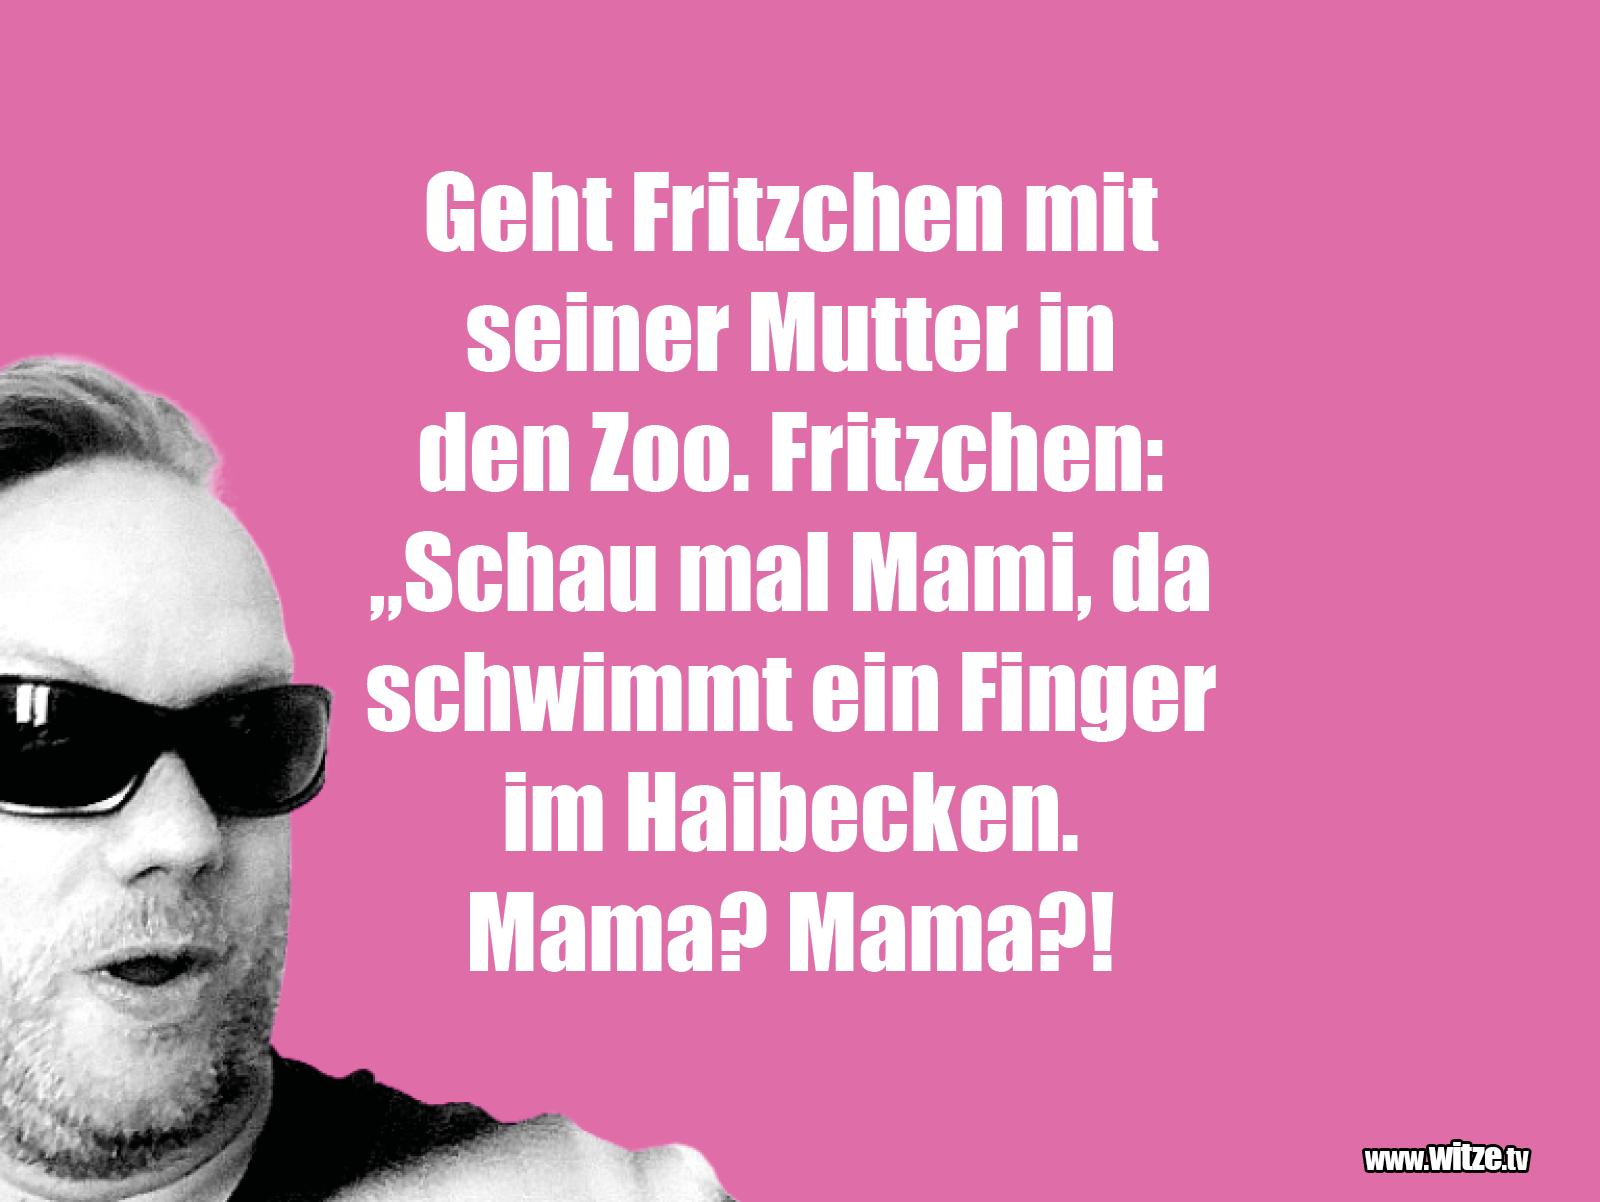 Das ist Humor... Geht Fritzchen mit seiner Mutter...